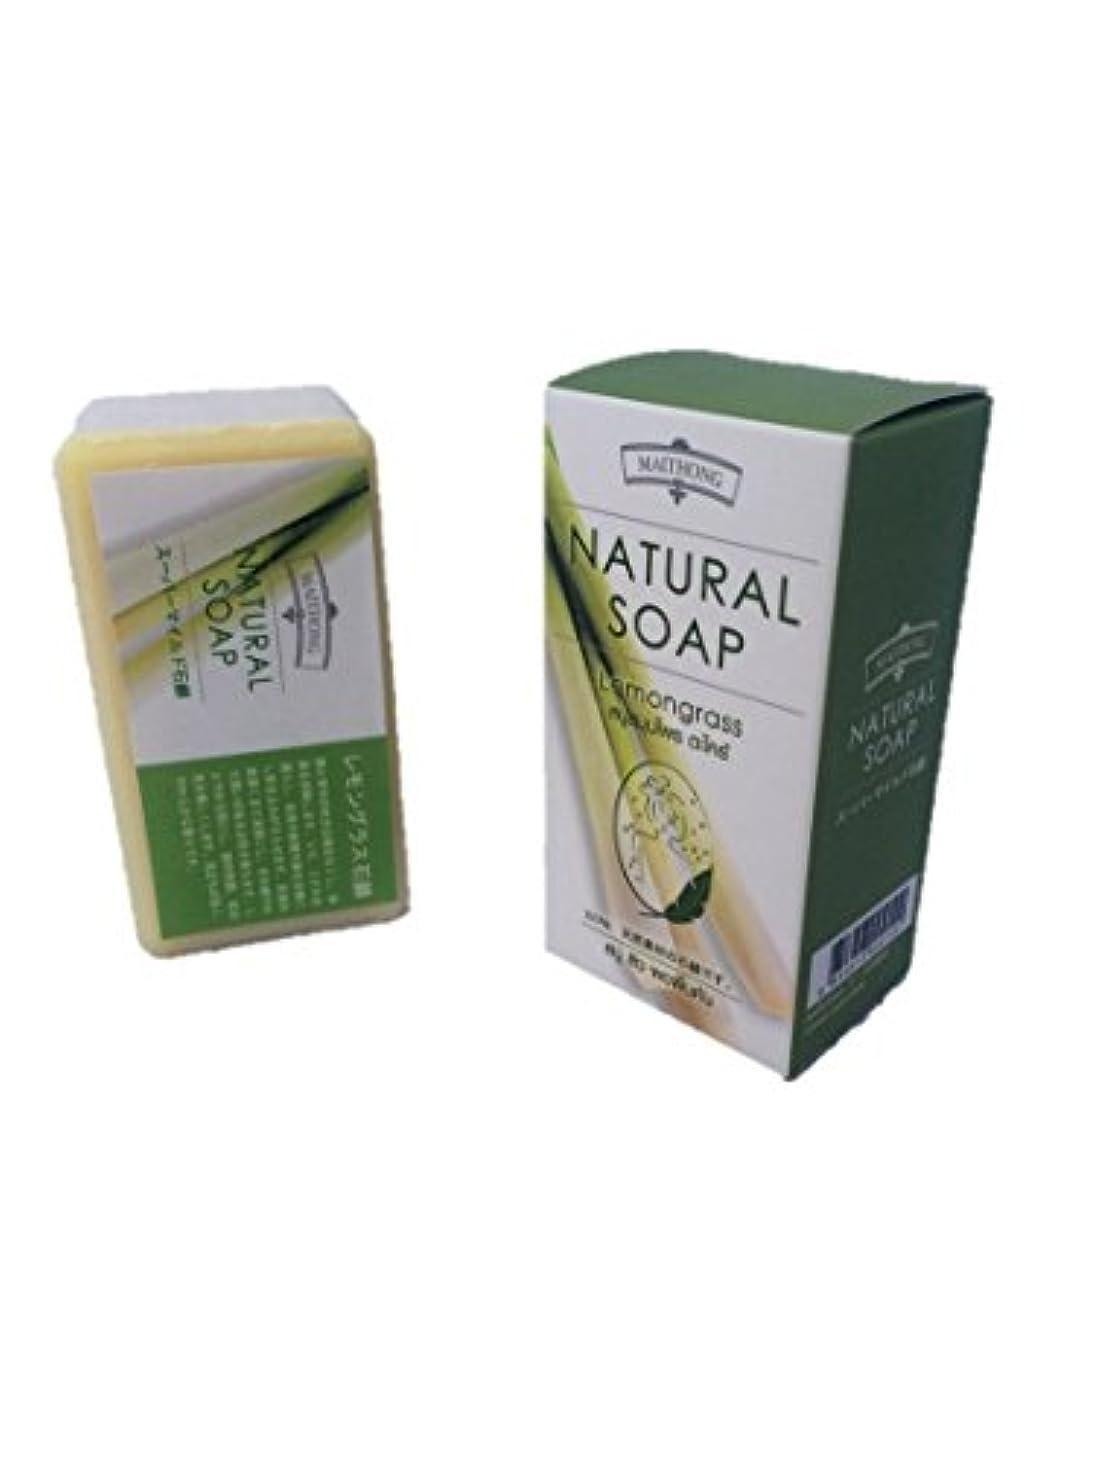 シーサイド容量防ぐマイトン maithong soap remongrass  レモングラス石鹸  高級石鹸 洗顔石鹸 冬の乾燥に [並行輸入品]